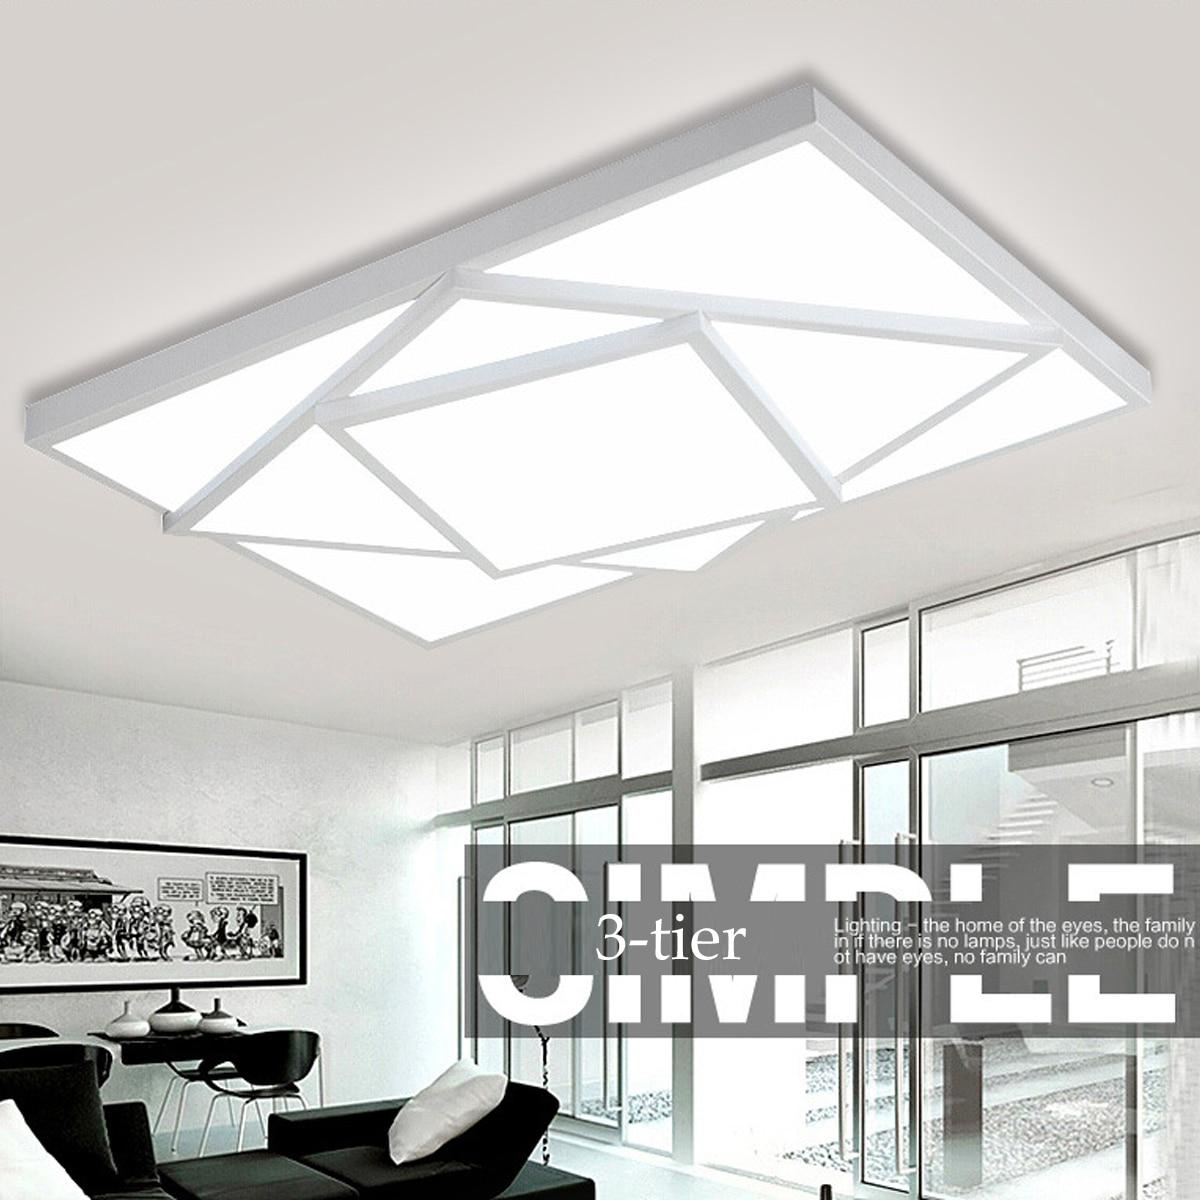 Deckenleuchten DemüTigen 24/30 Watt Warm/weiß Licht Acryl Nordic Decke Lichter Platz Led Decke Lampe Leuchten Für Wohnzimmer Esszimmer Licht & Beleuchtung